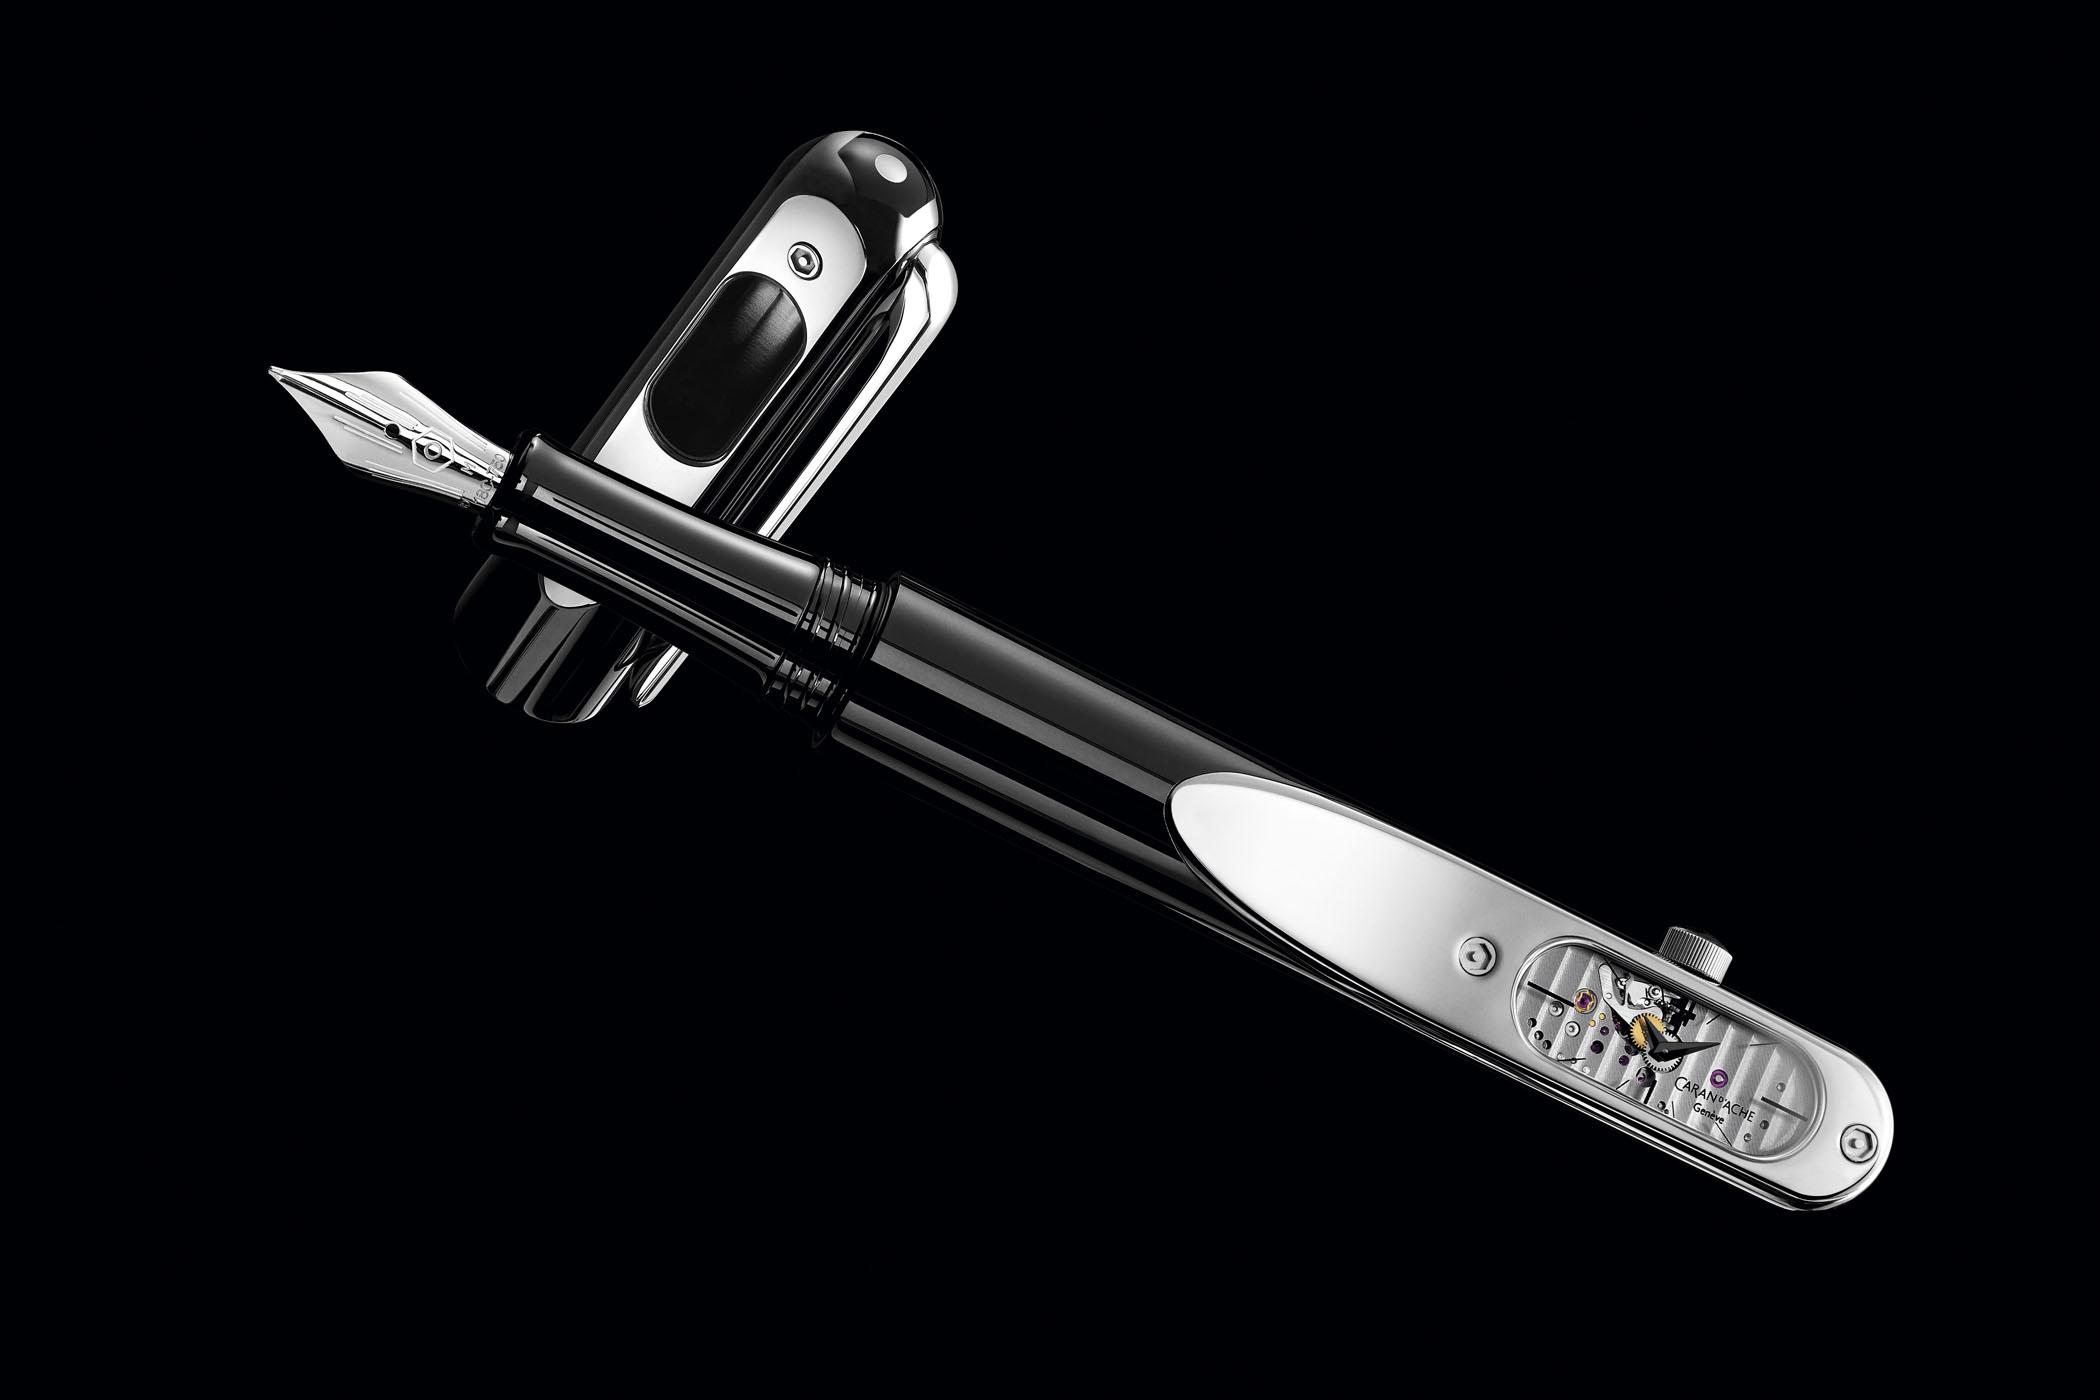 Caran d'Ache Timegraph - Fountain Pen With Mechanical Movement